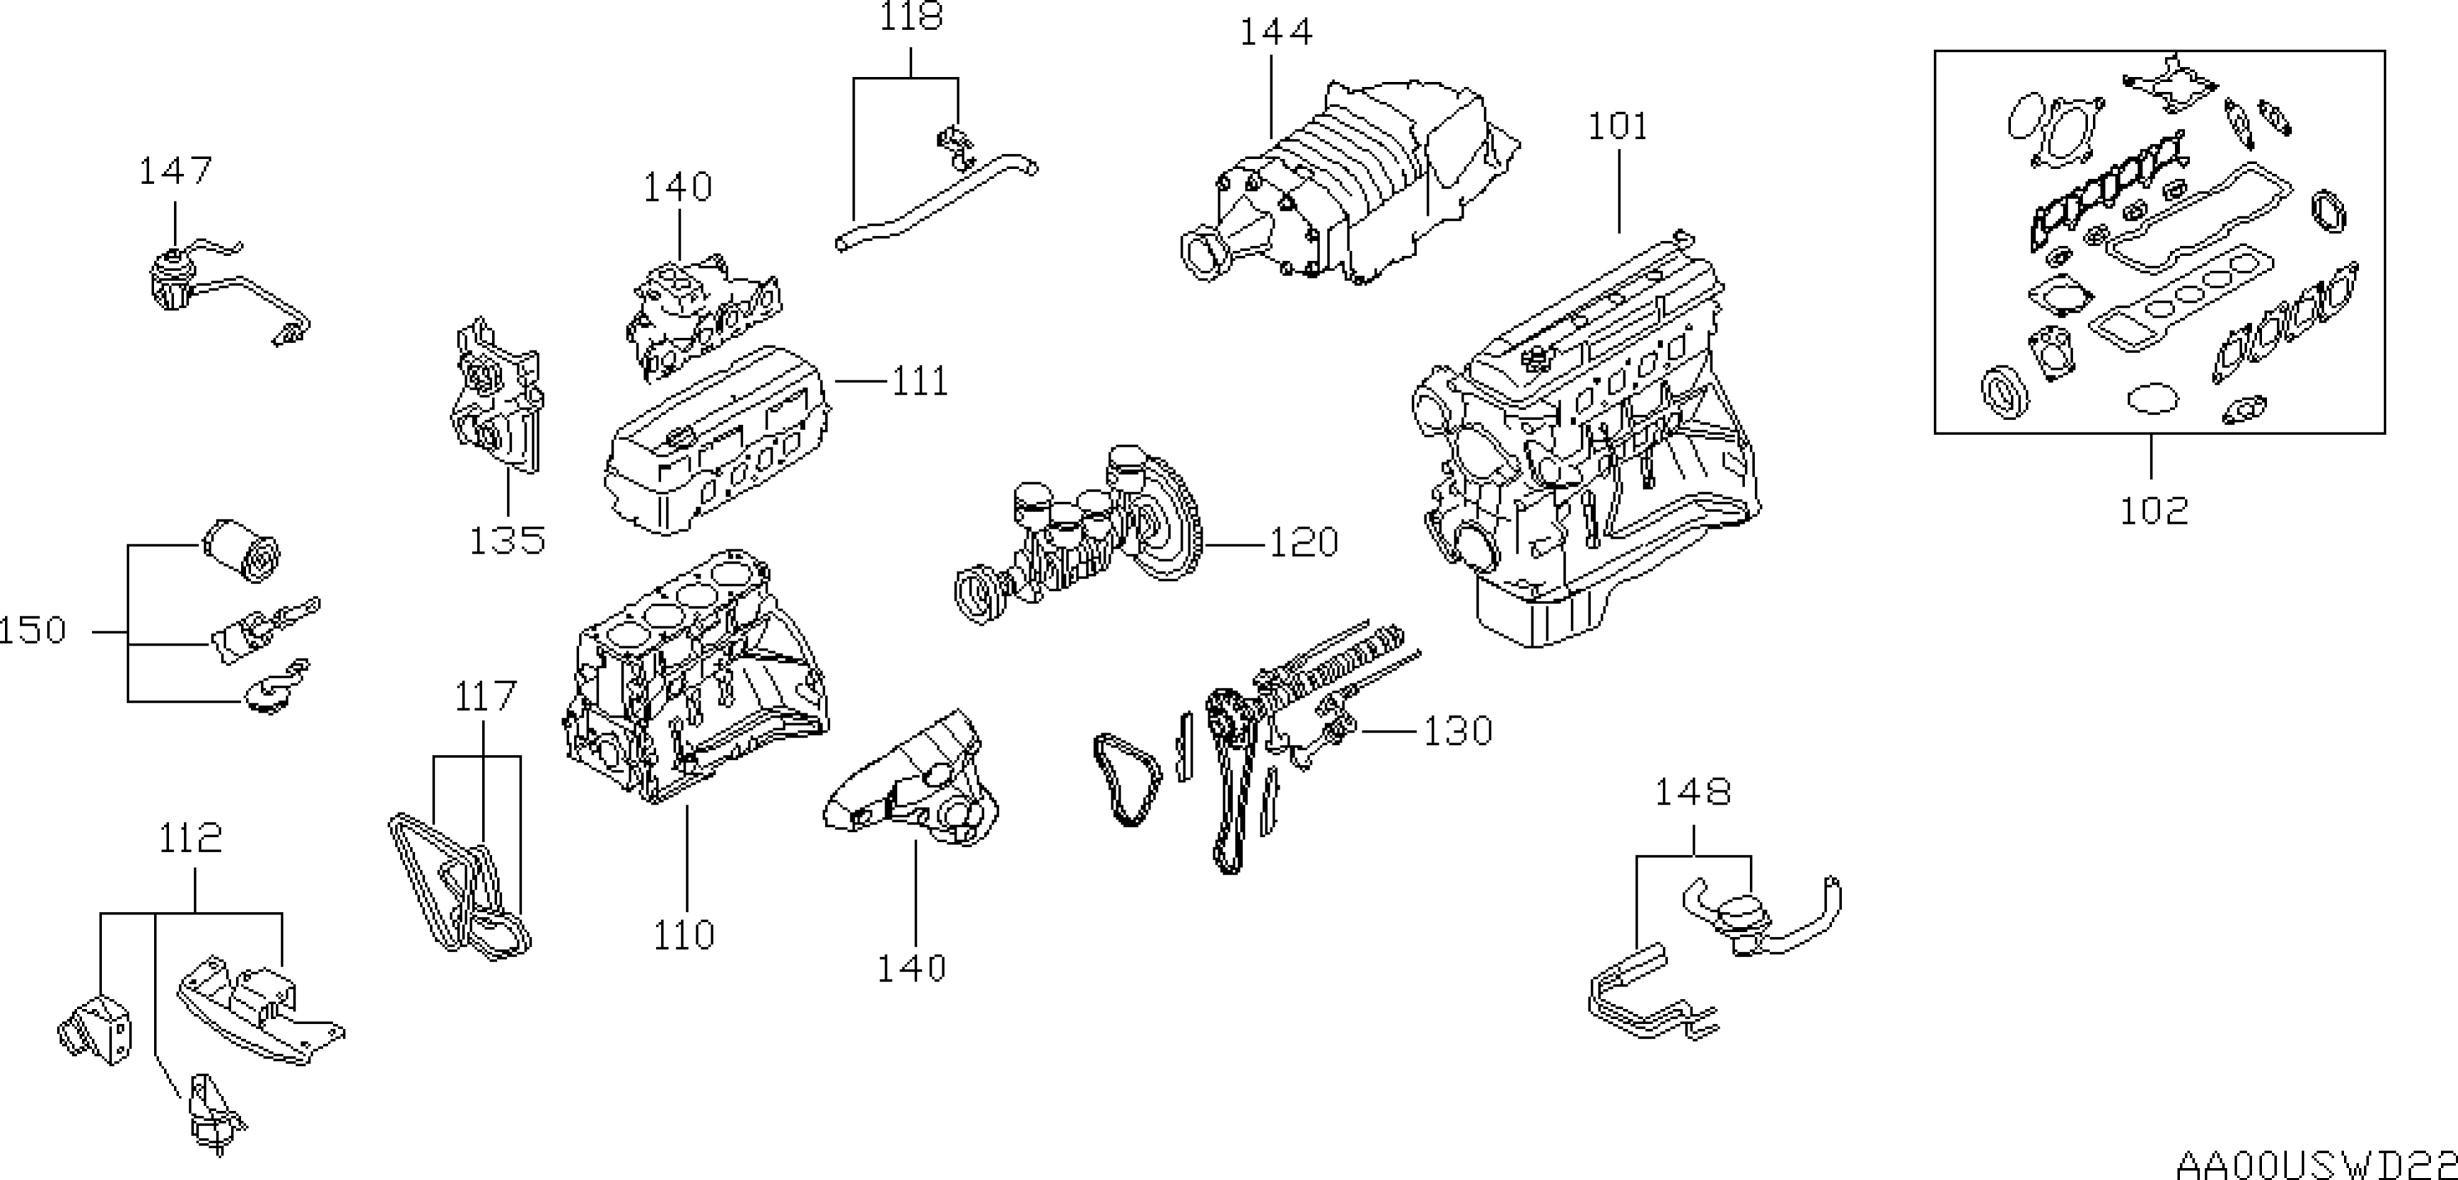 2006 nissan xterra parts diagram 2007 ford ranger radio wiring engine